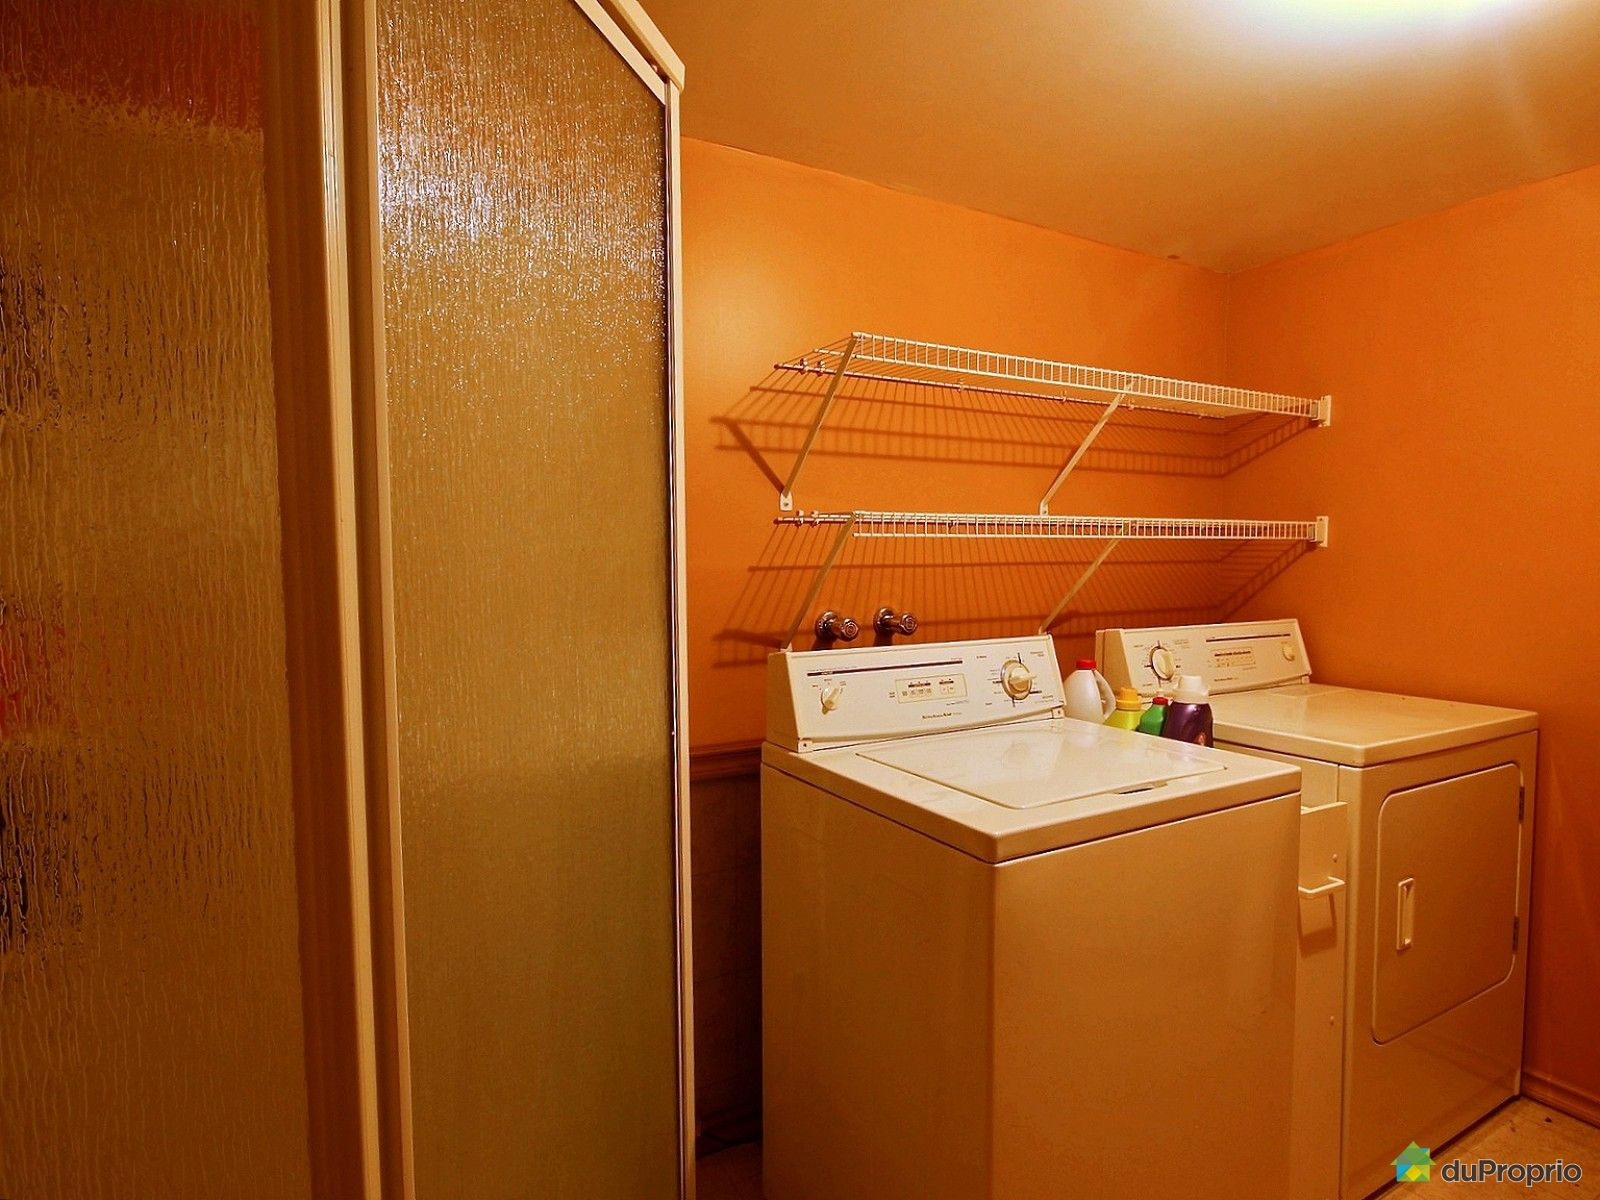 Maison vendre st j r me 1146 rue de l 39 acajou for Accessoire salle de bain st jerome